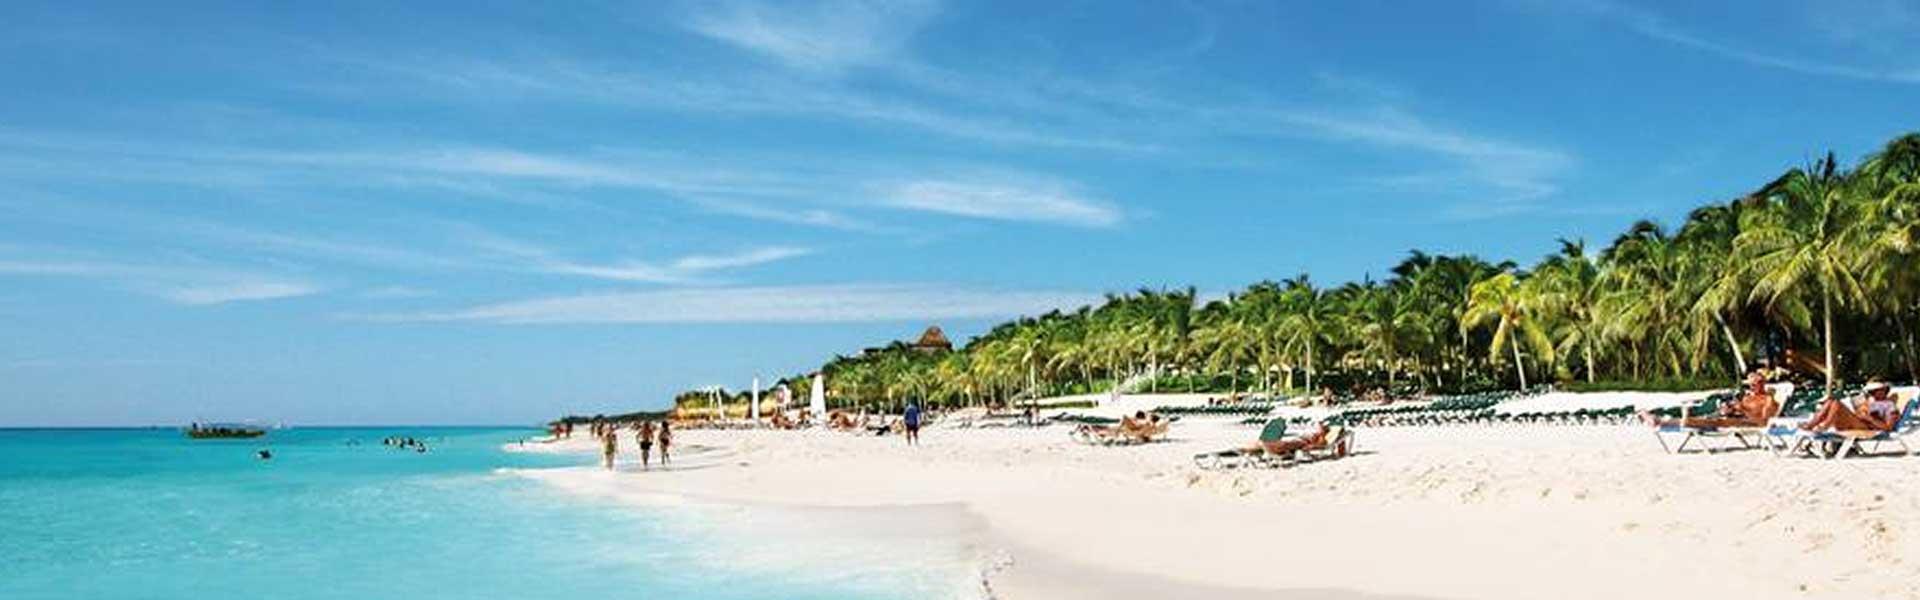 Playacar